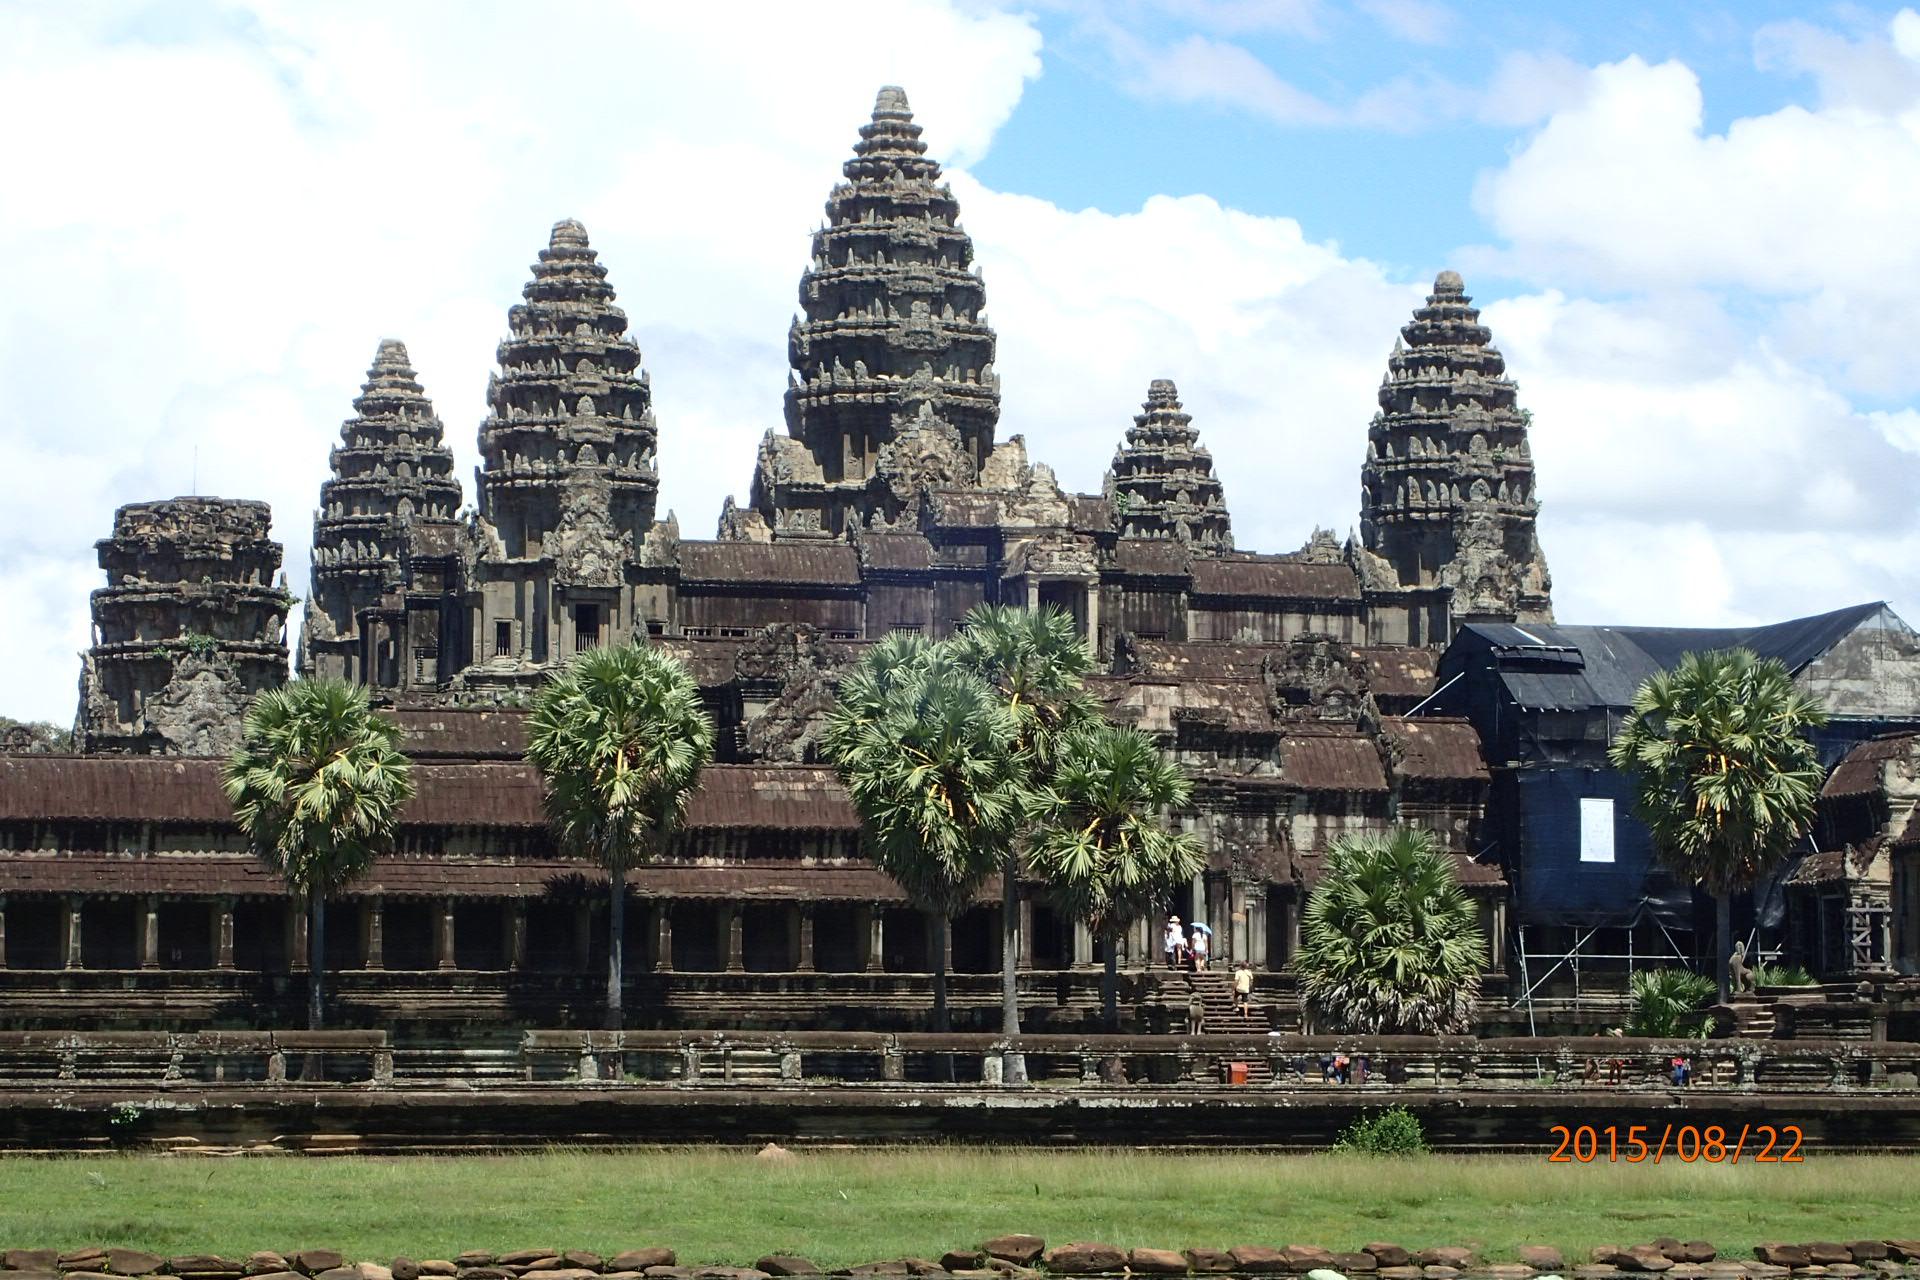 Endlich angekommen, das ist das berühmte Angkor Wat